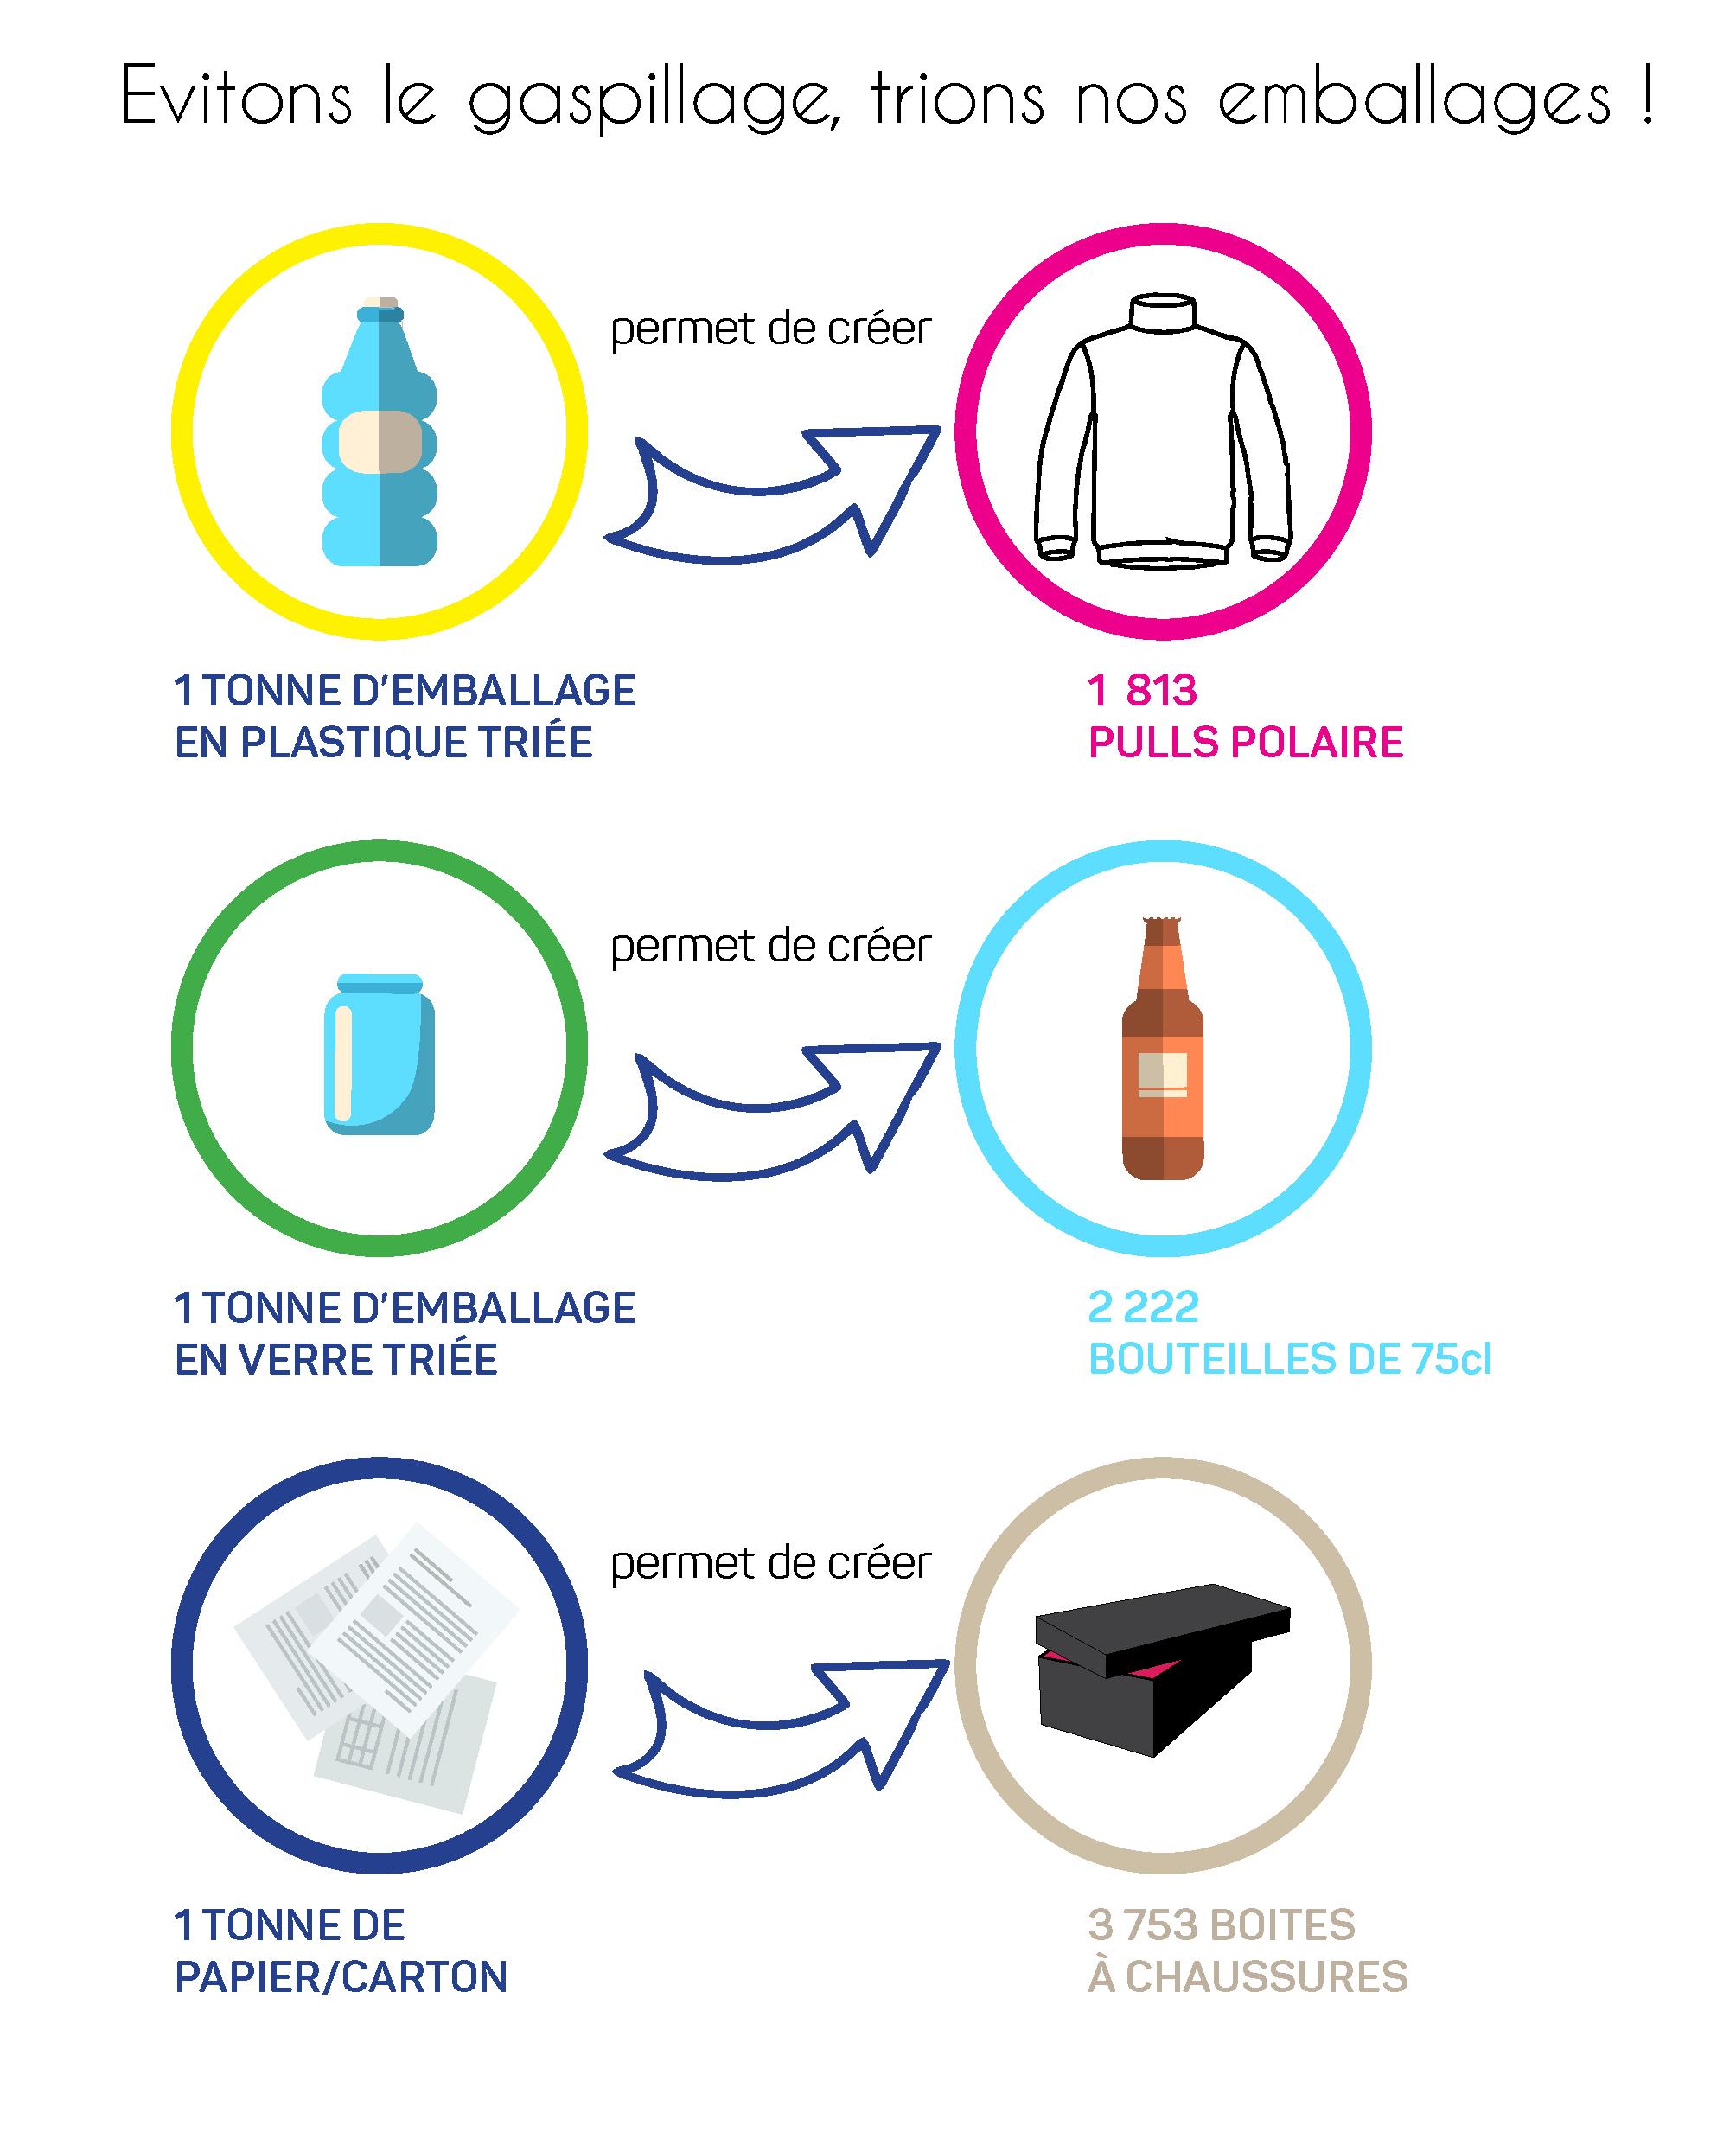 affiche donnant des conseils pour éviter le gaspillage